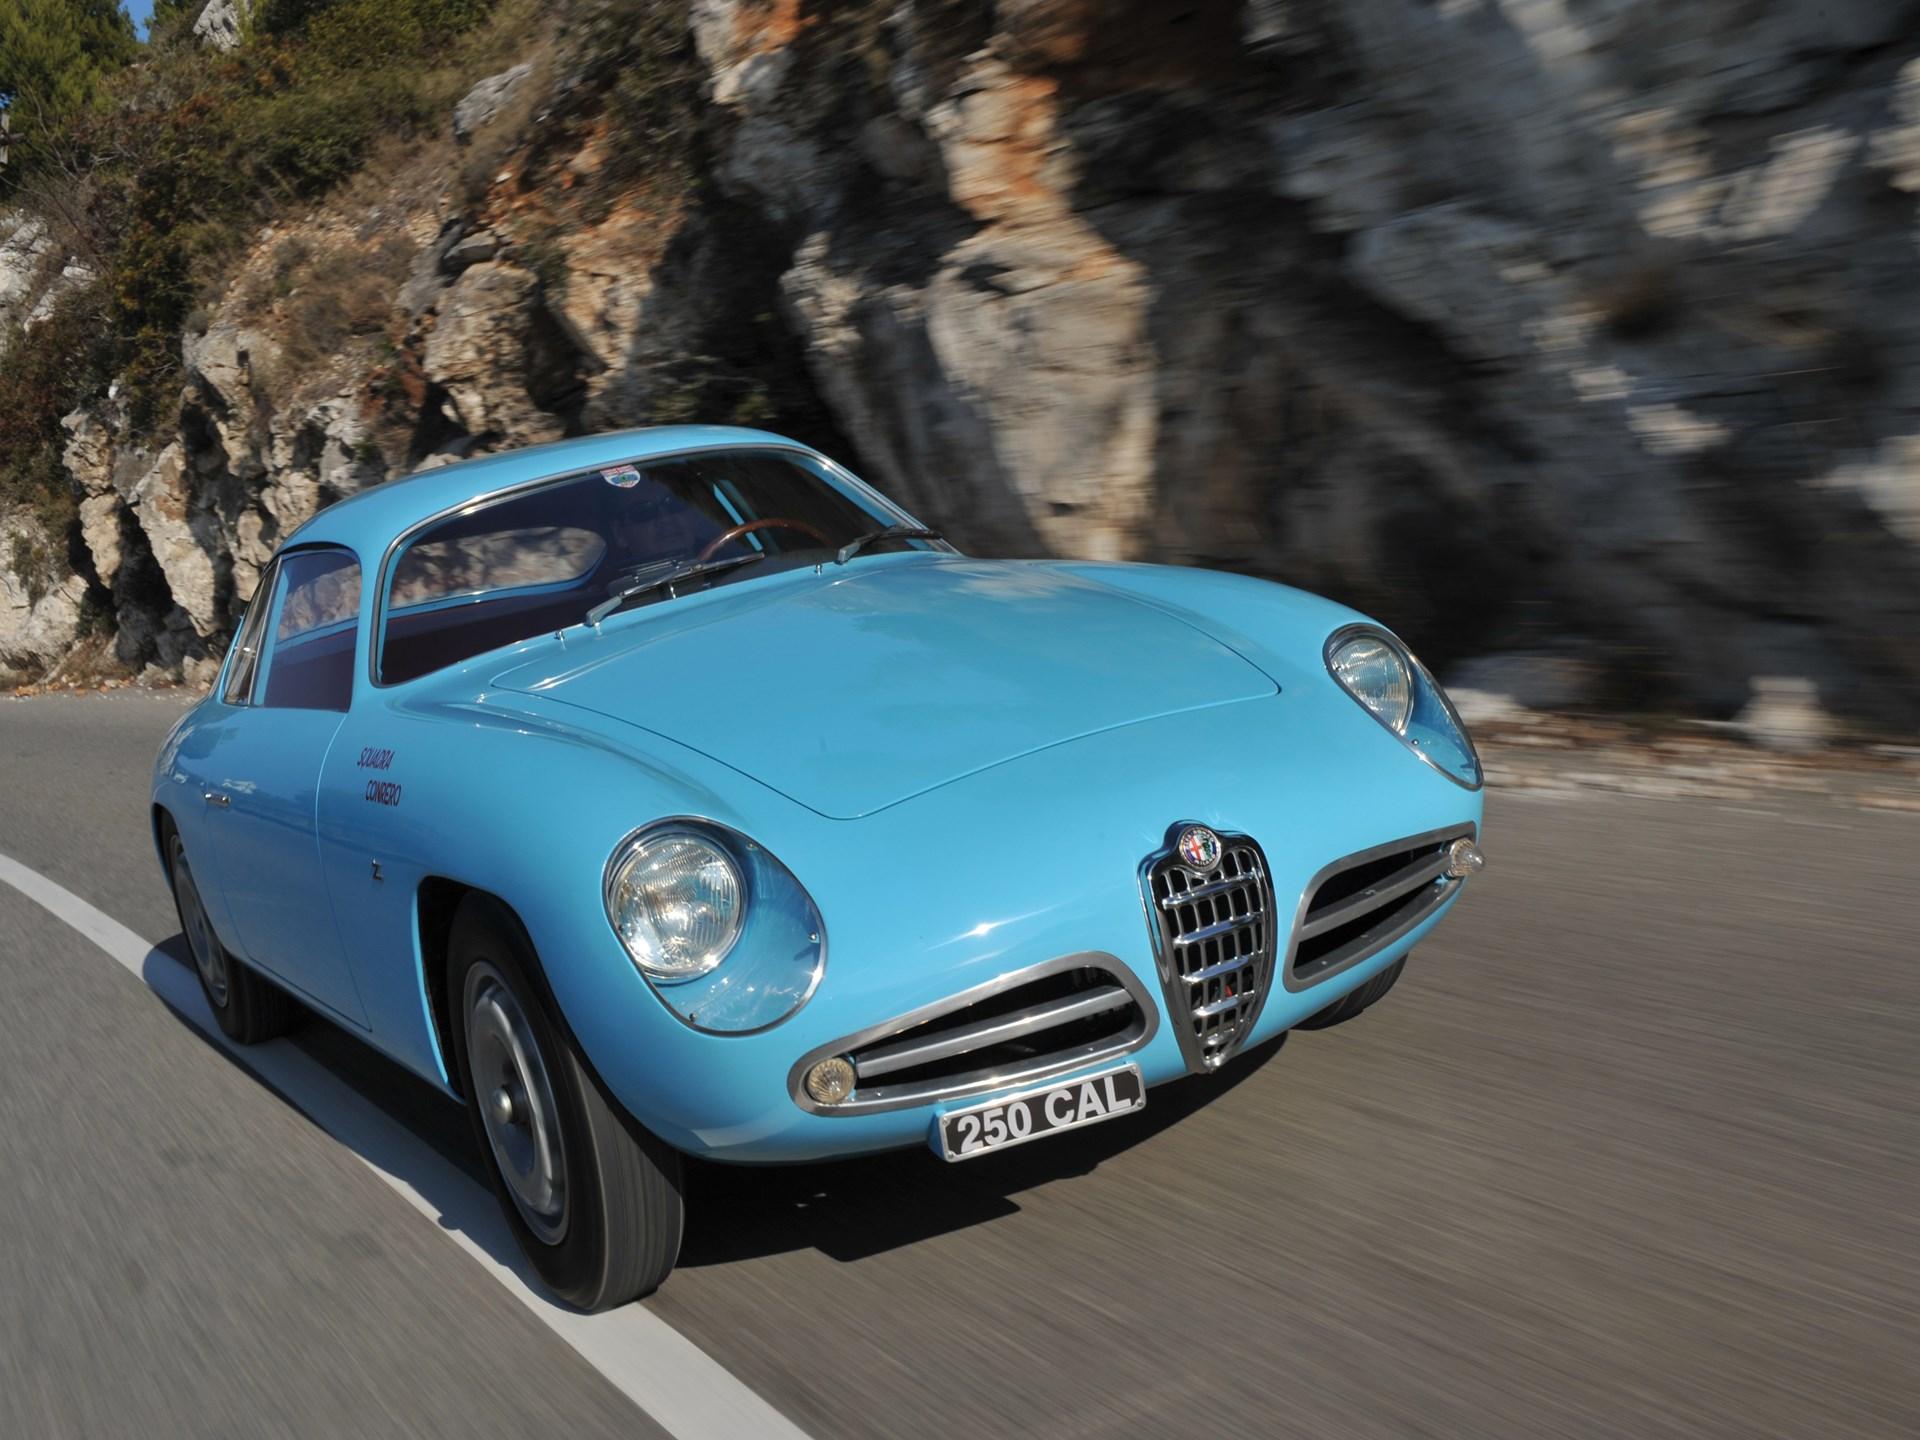 Alfa Romeo Giulietta Sprint Veloce Zagato 1958 rmsotheby\\\'s com  c6a907d8b2b479a0f4c7bfe49157c695e50ebcfc